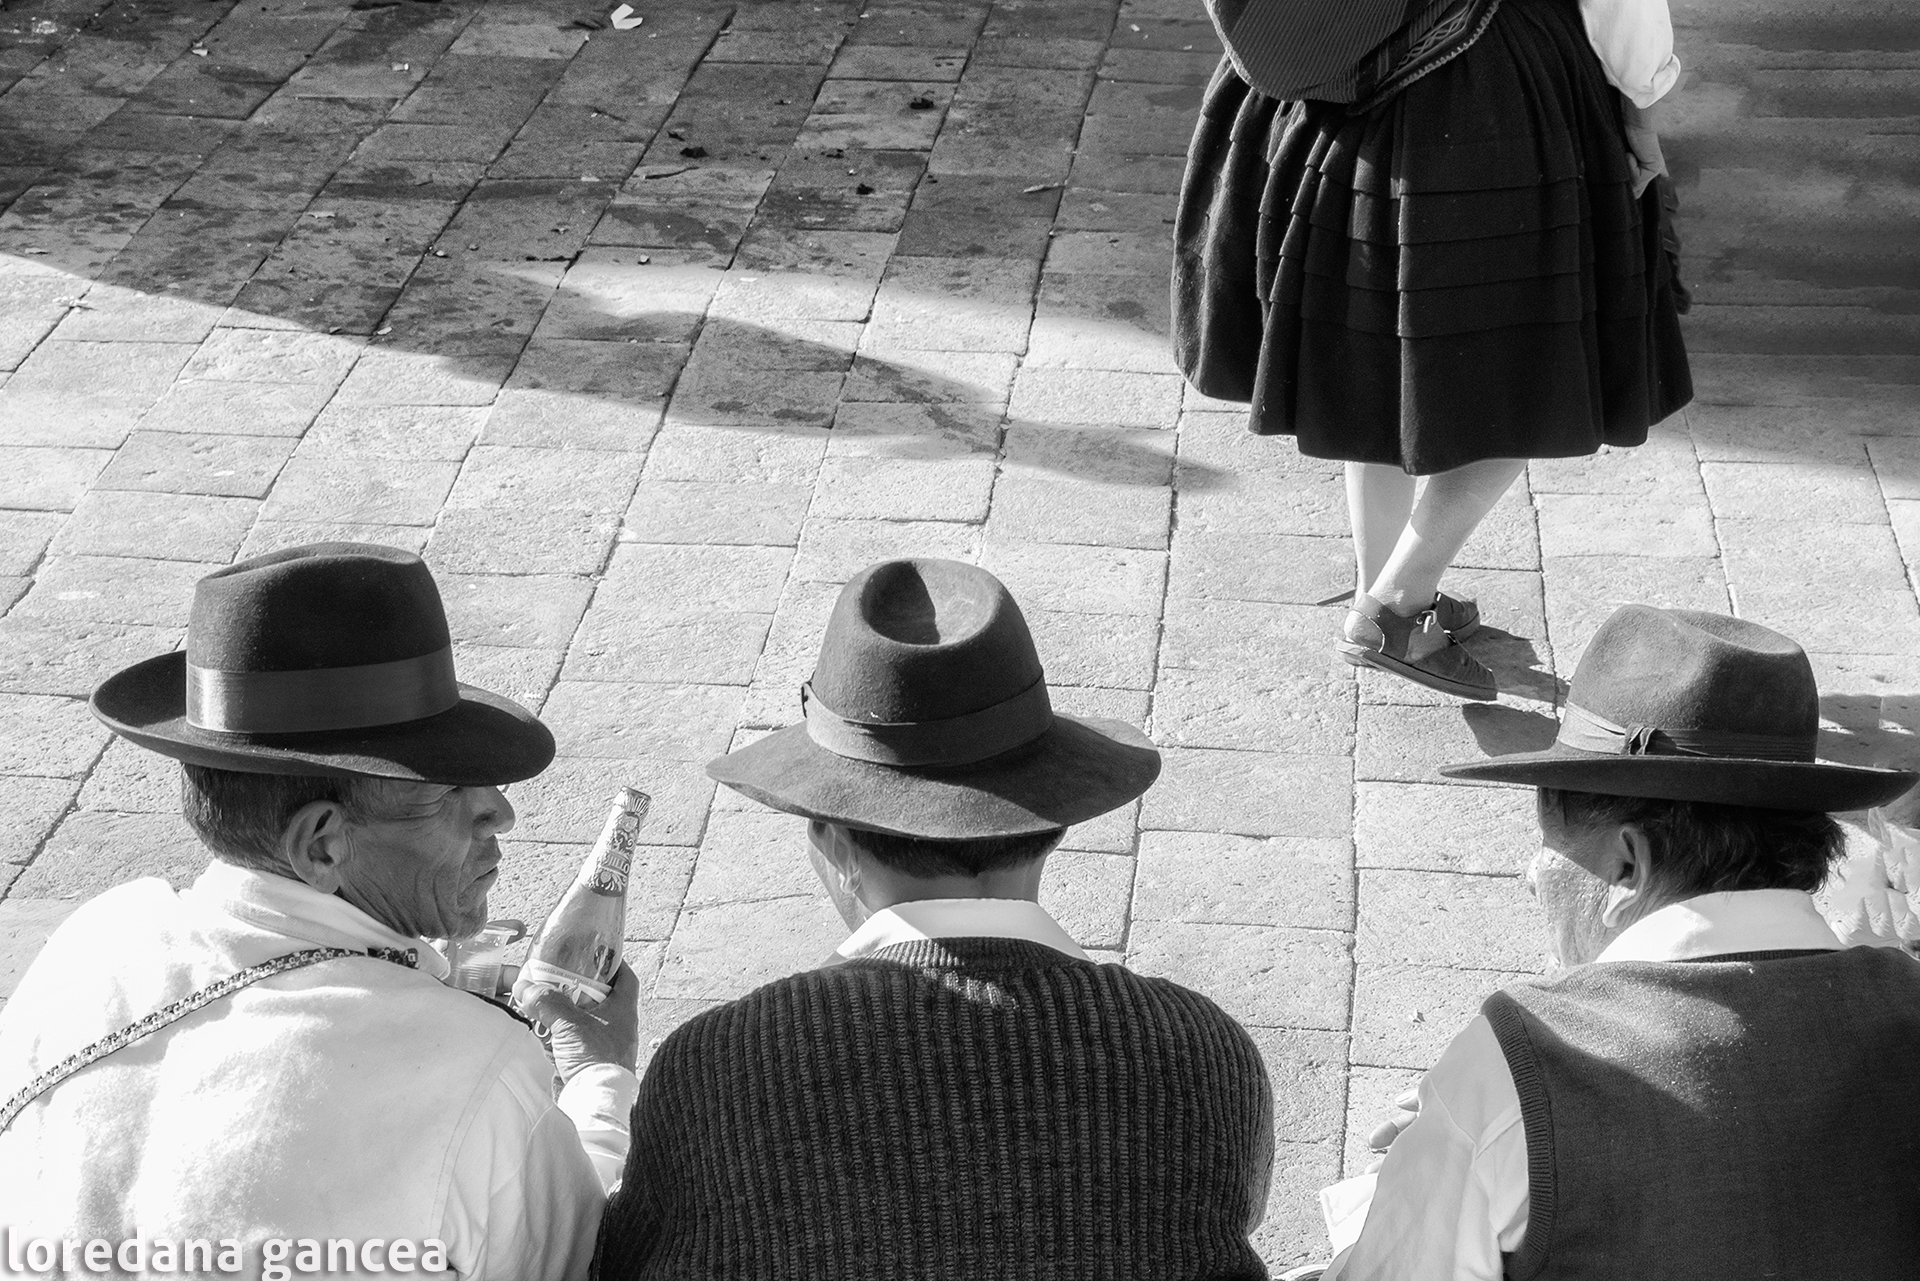 036_TiticacaLORE-P8150598